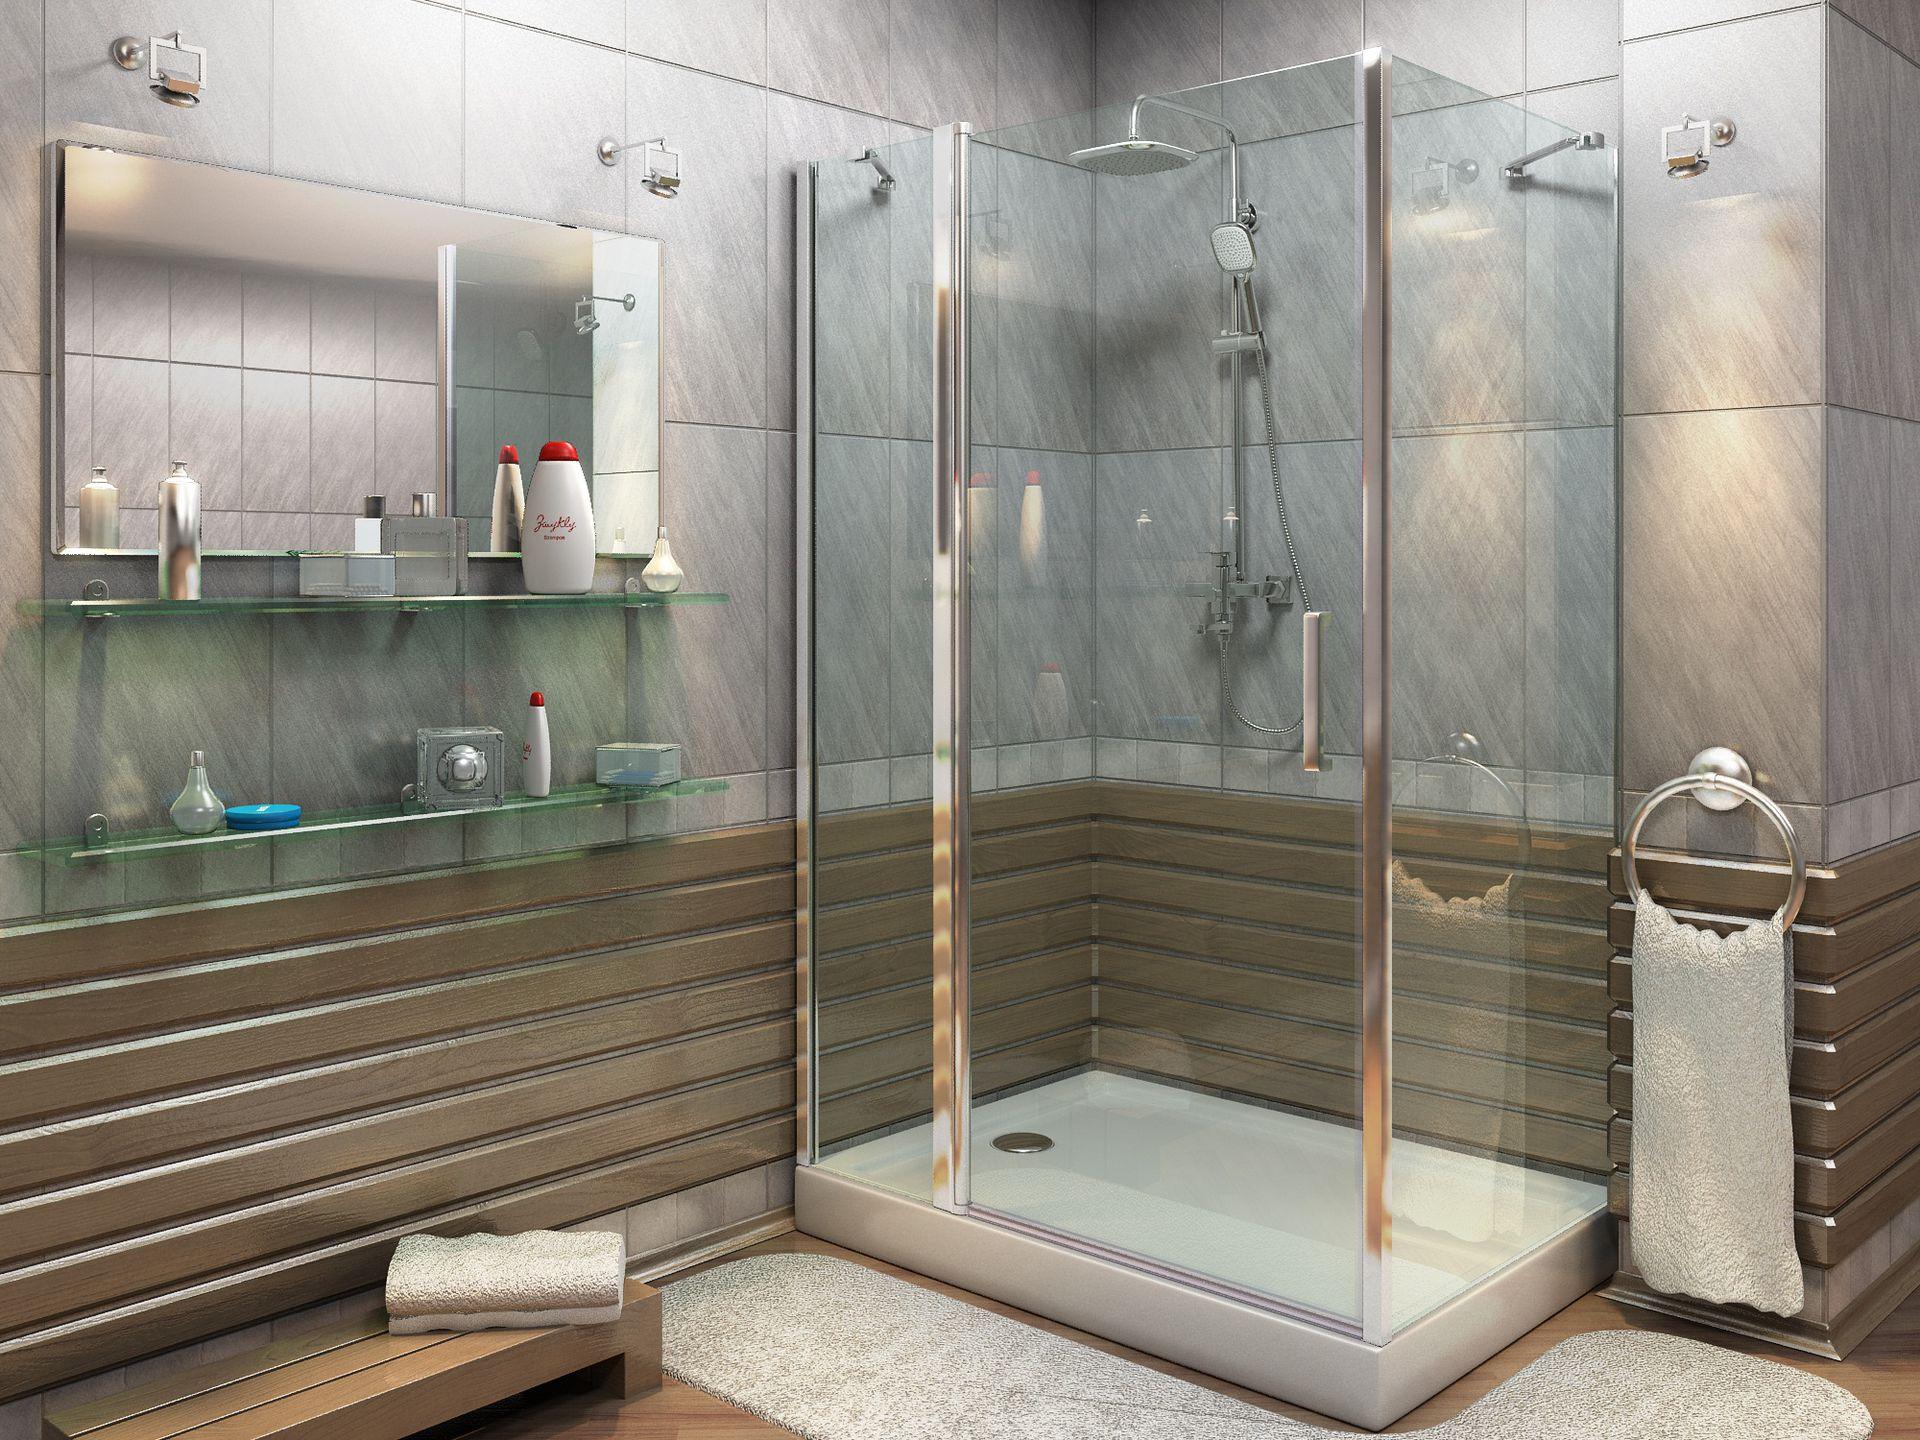 Как сделать душевой уголок в ванной комнате